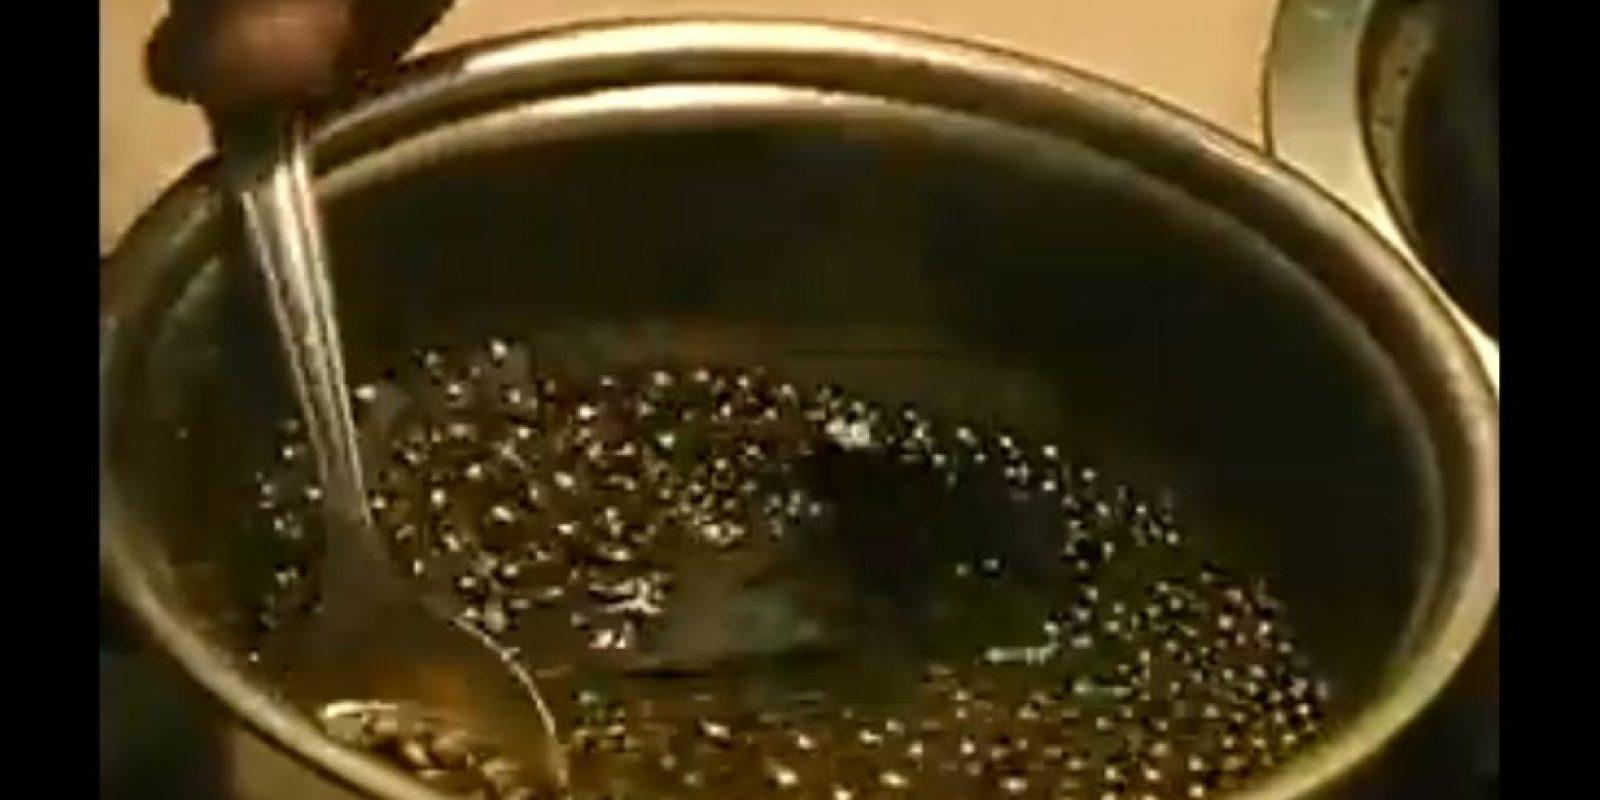 El refresco de cola también tiene un resultado especial si lo pones a hervir Foto:Captura. Imagen Por: